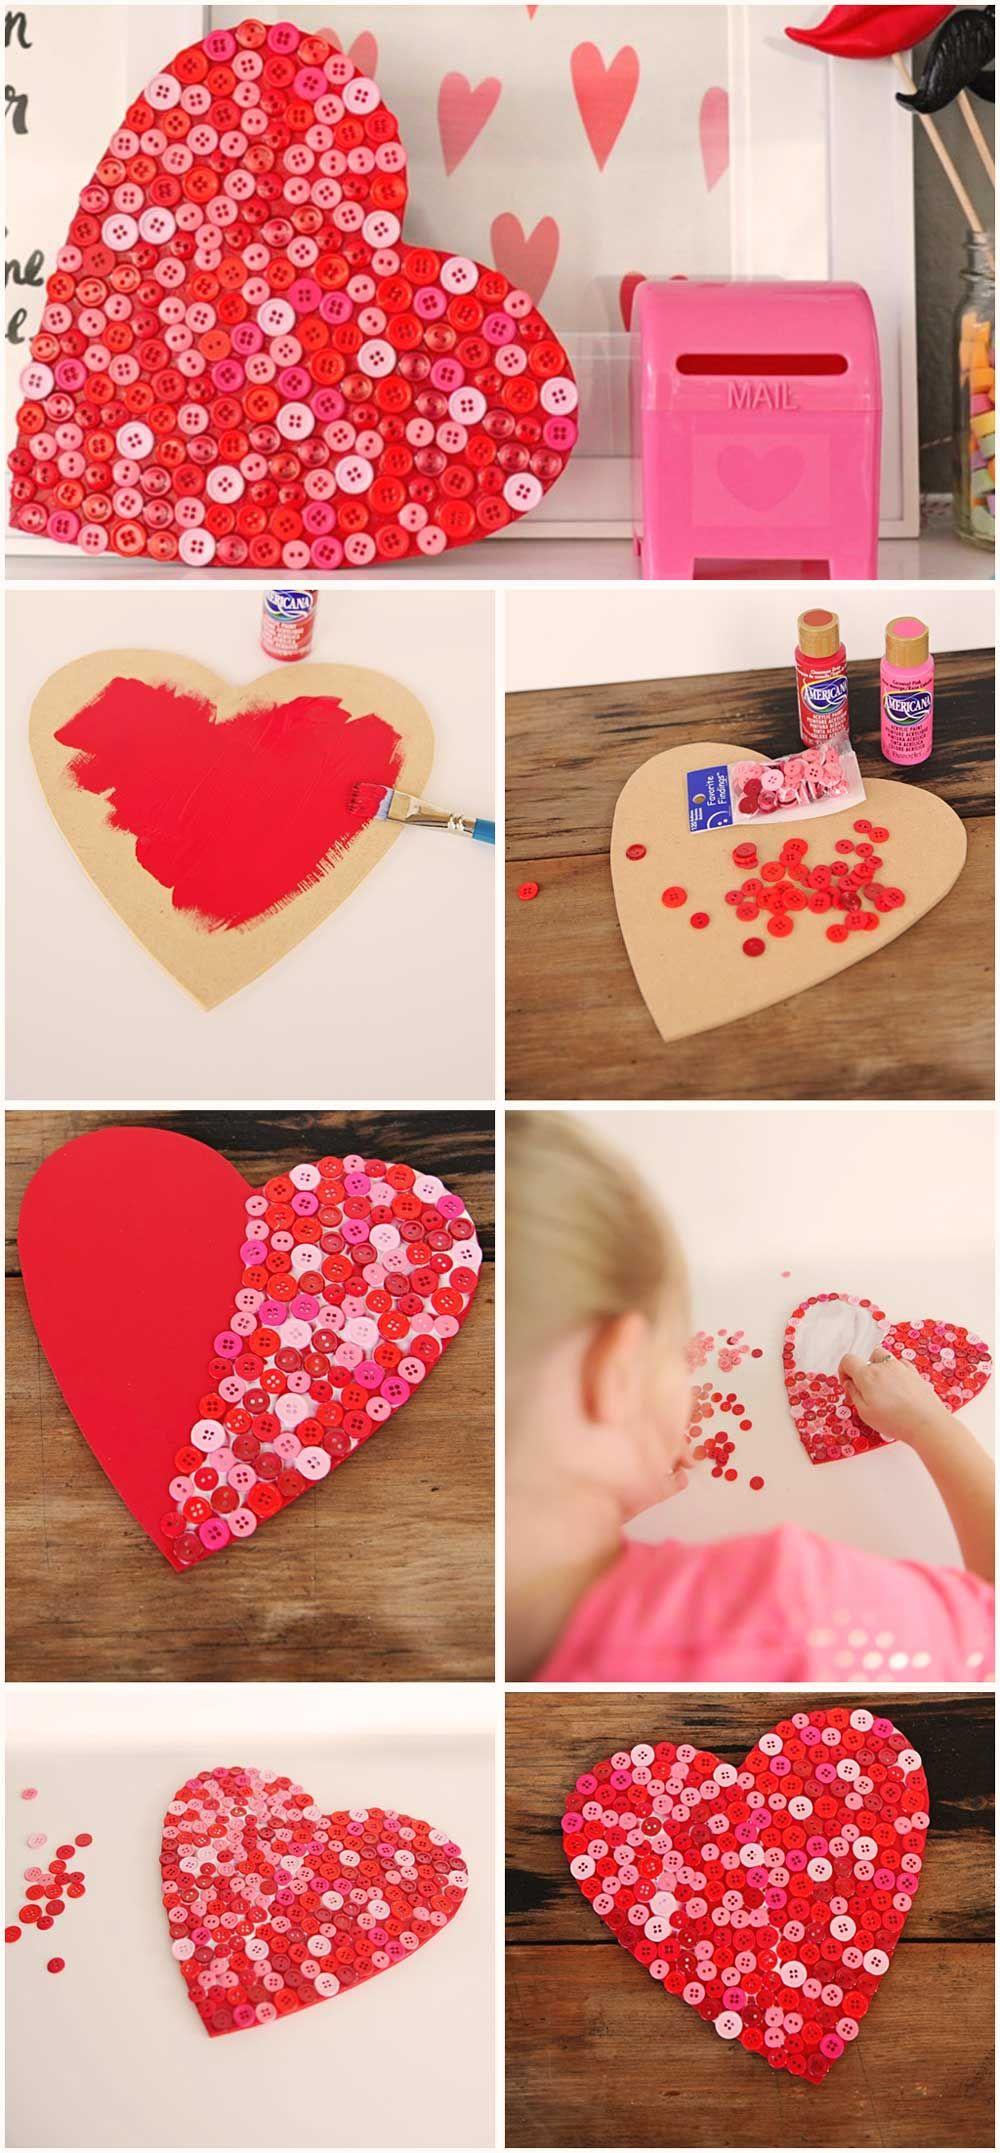 Как сделать сердце своими руками фото 5